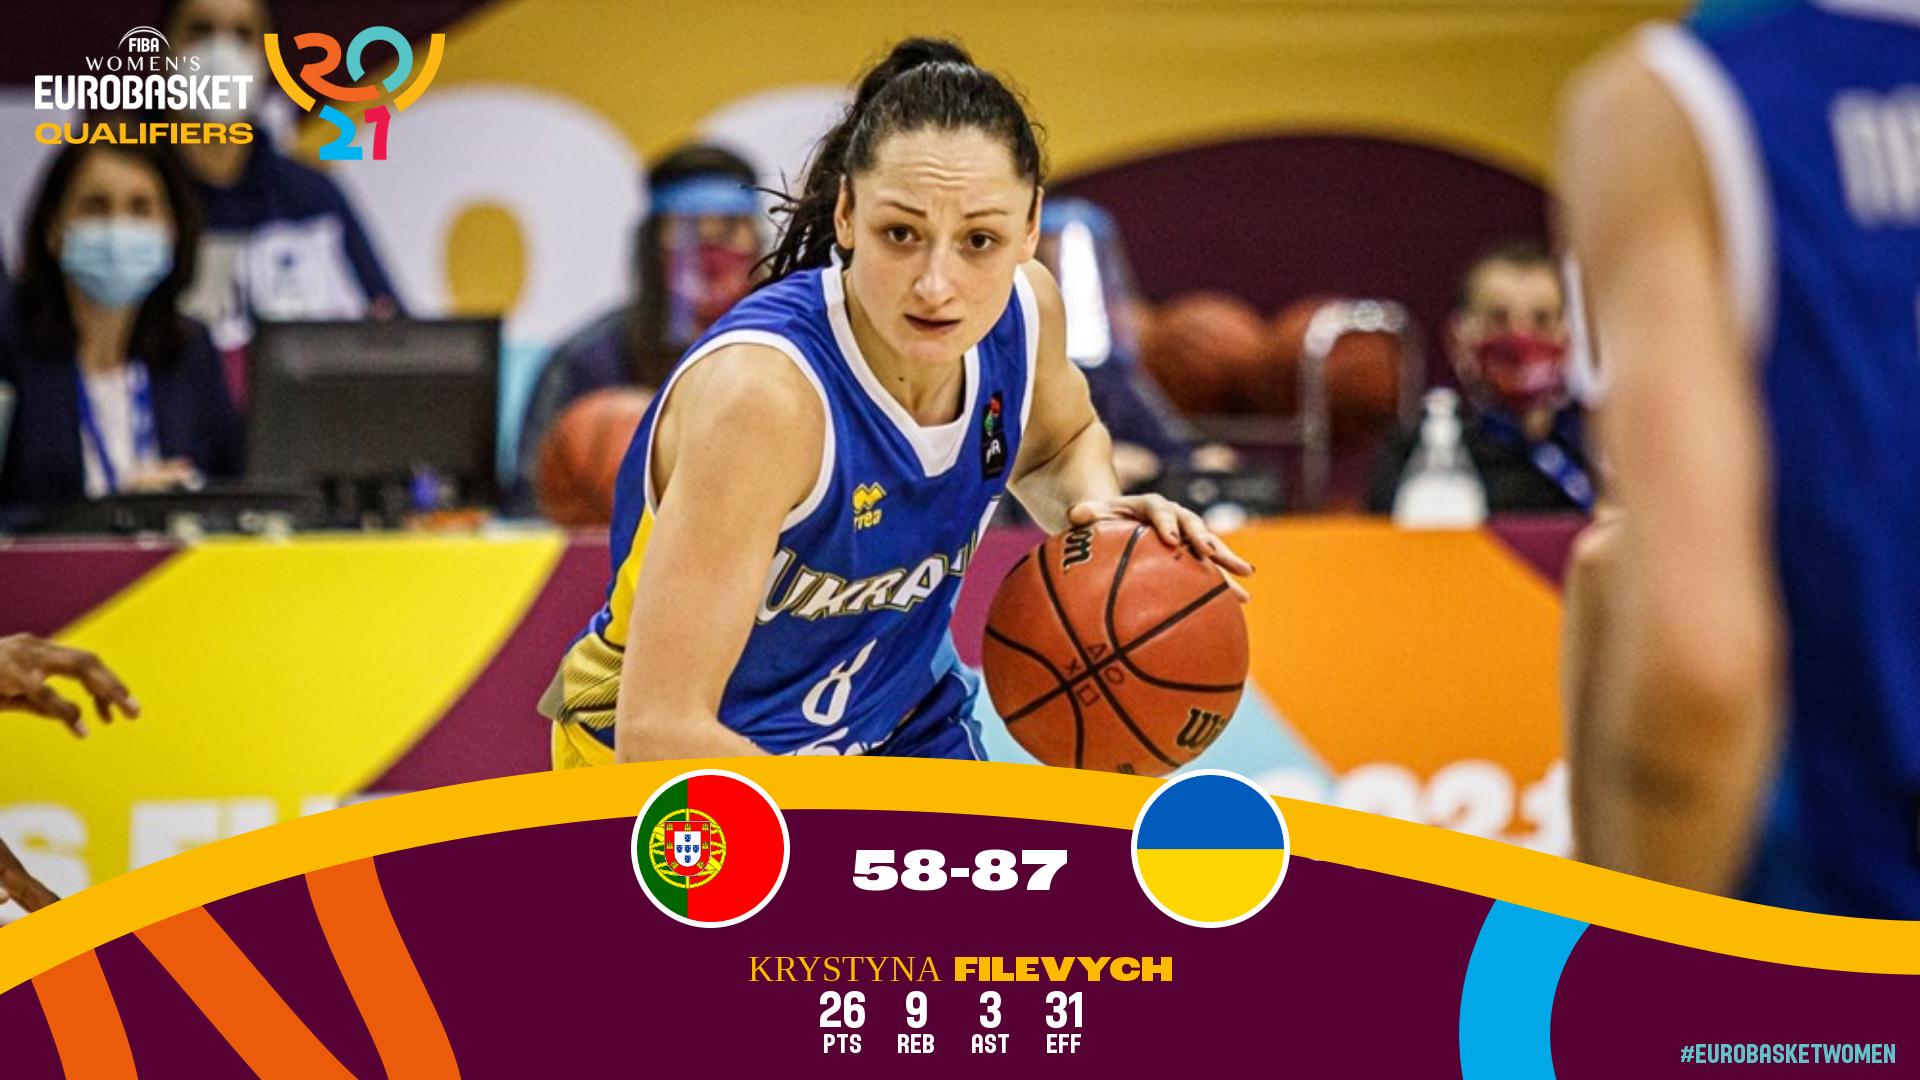 Збірна України перемогла Португалію з перевагою в 29 очок